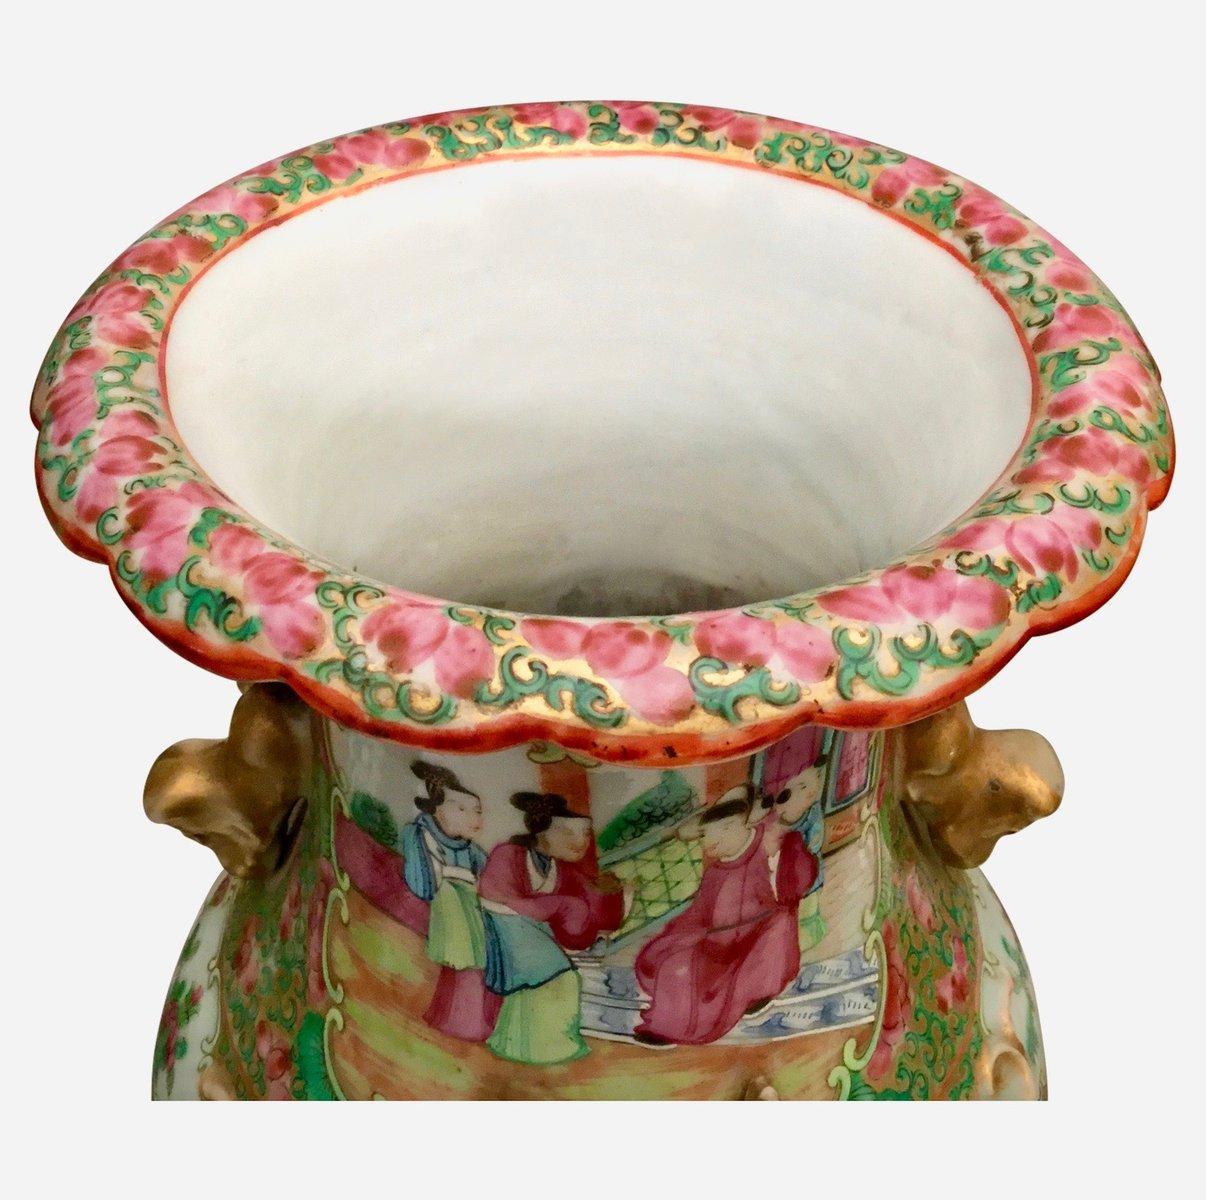 Jarrones chinos antiguos de cer mica cantonesa familia rosa juego de 2 en venta en pamono - Biombos chinos antiguos ...